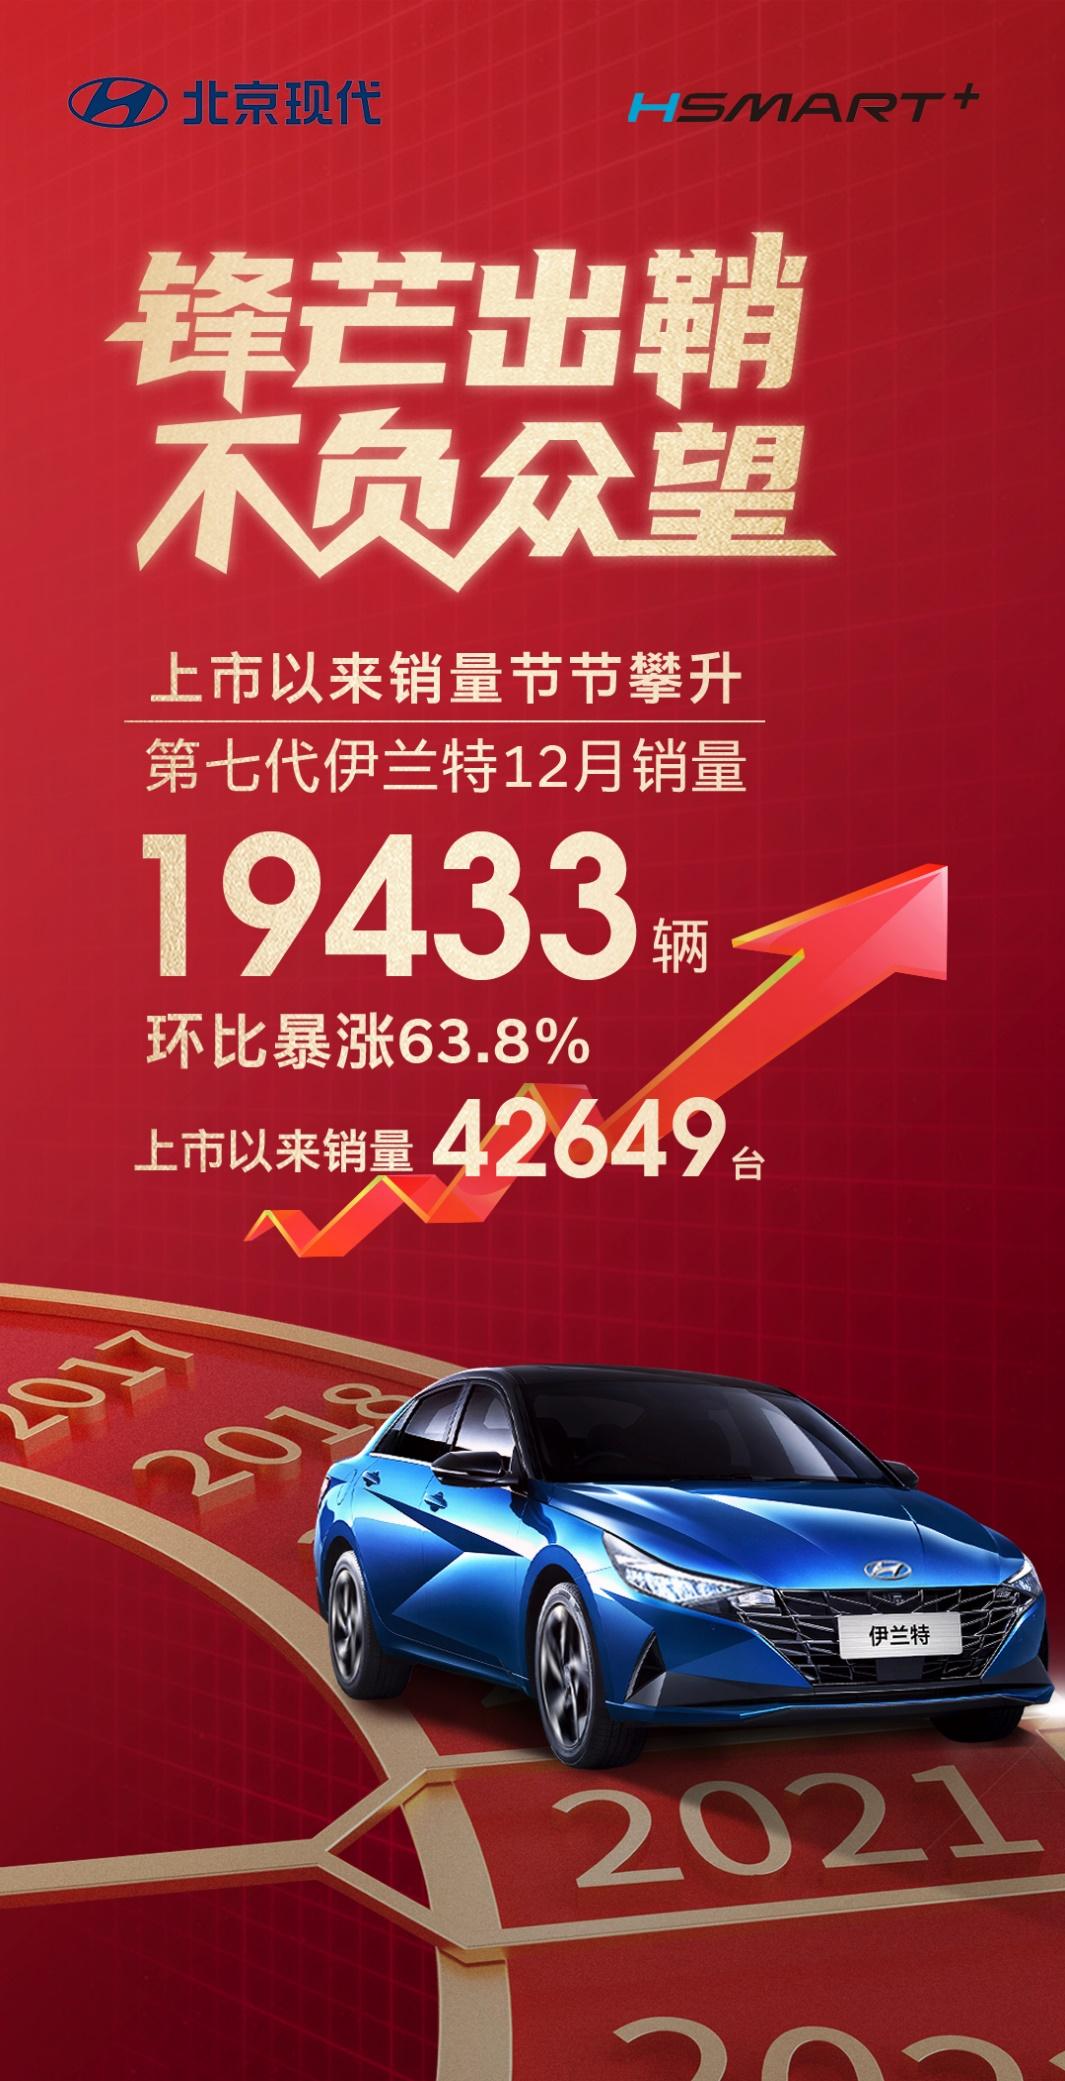 热销近2万辆第七代伊兰特环比大增63.8%